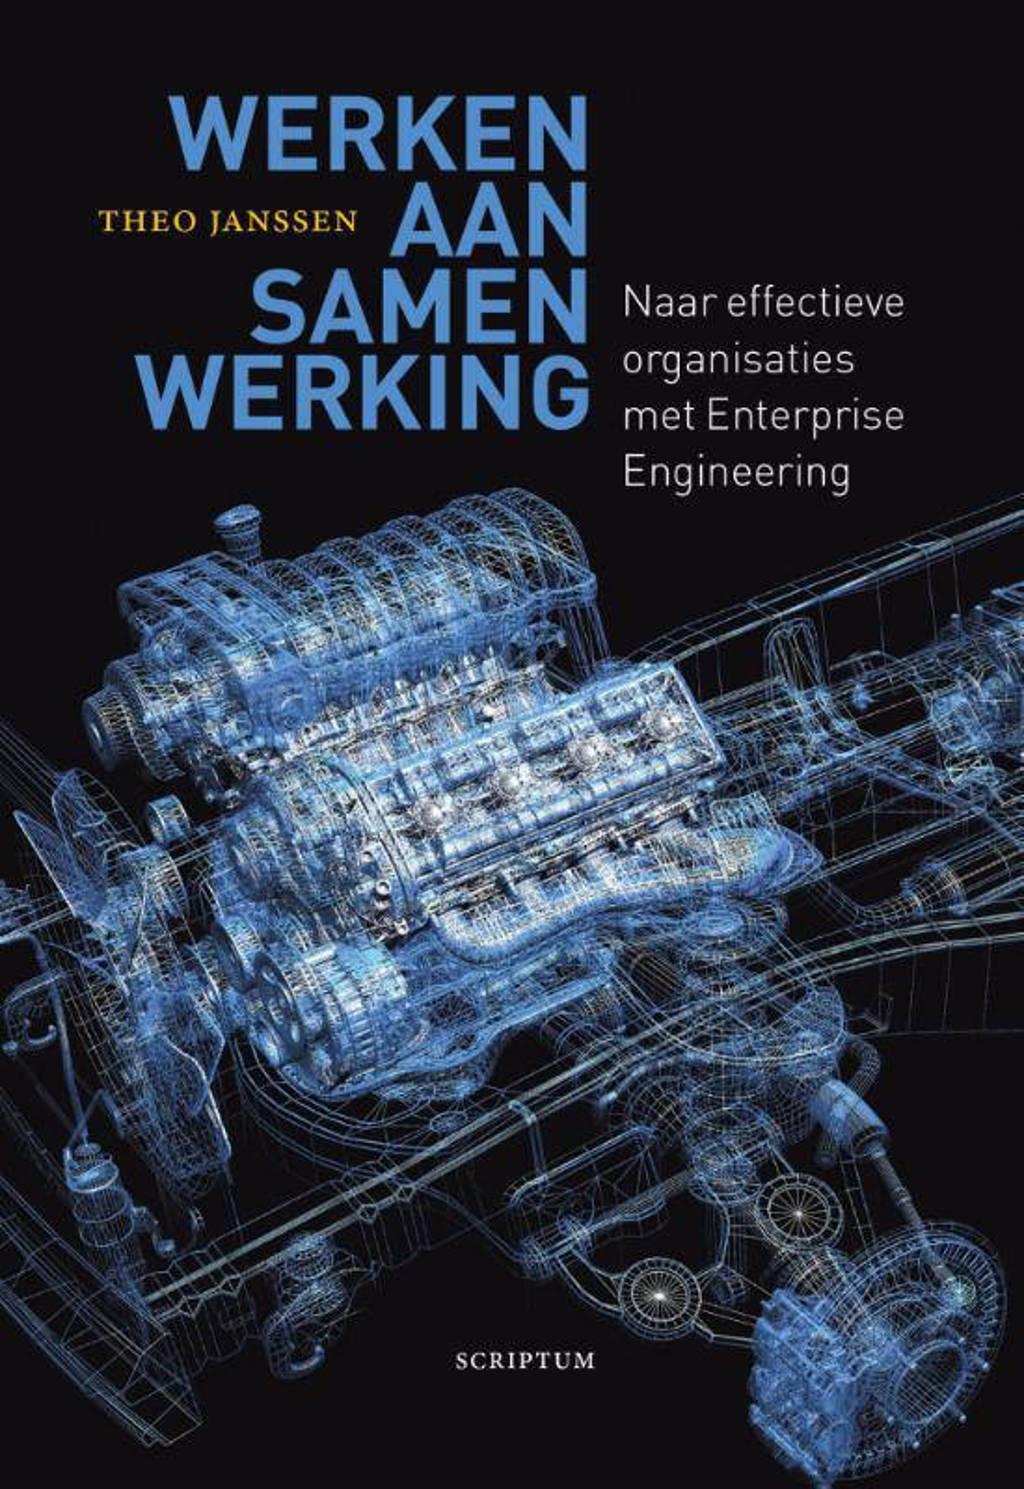 Werken aan samenwerking - Theo Janssen